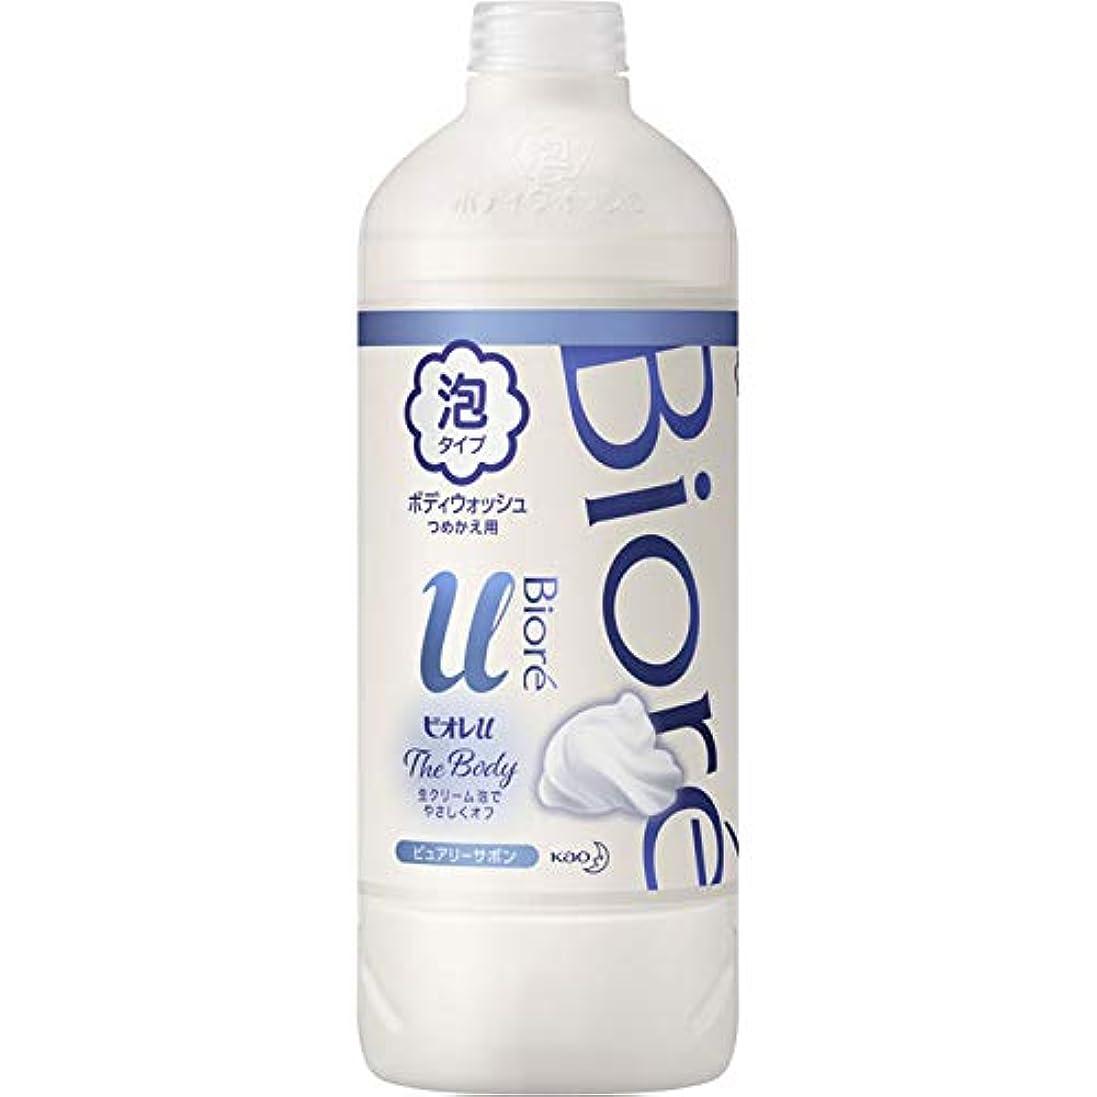 未使用石化するつぶやき花王 ビオレu ザ ボディ泡ピュアリーサボンの香り 詰替え用 450ml